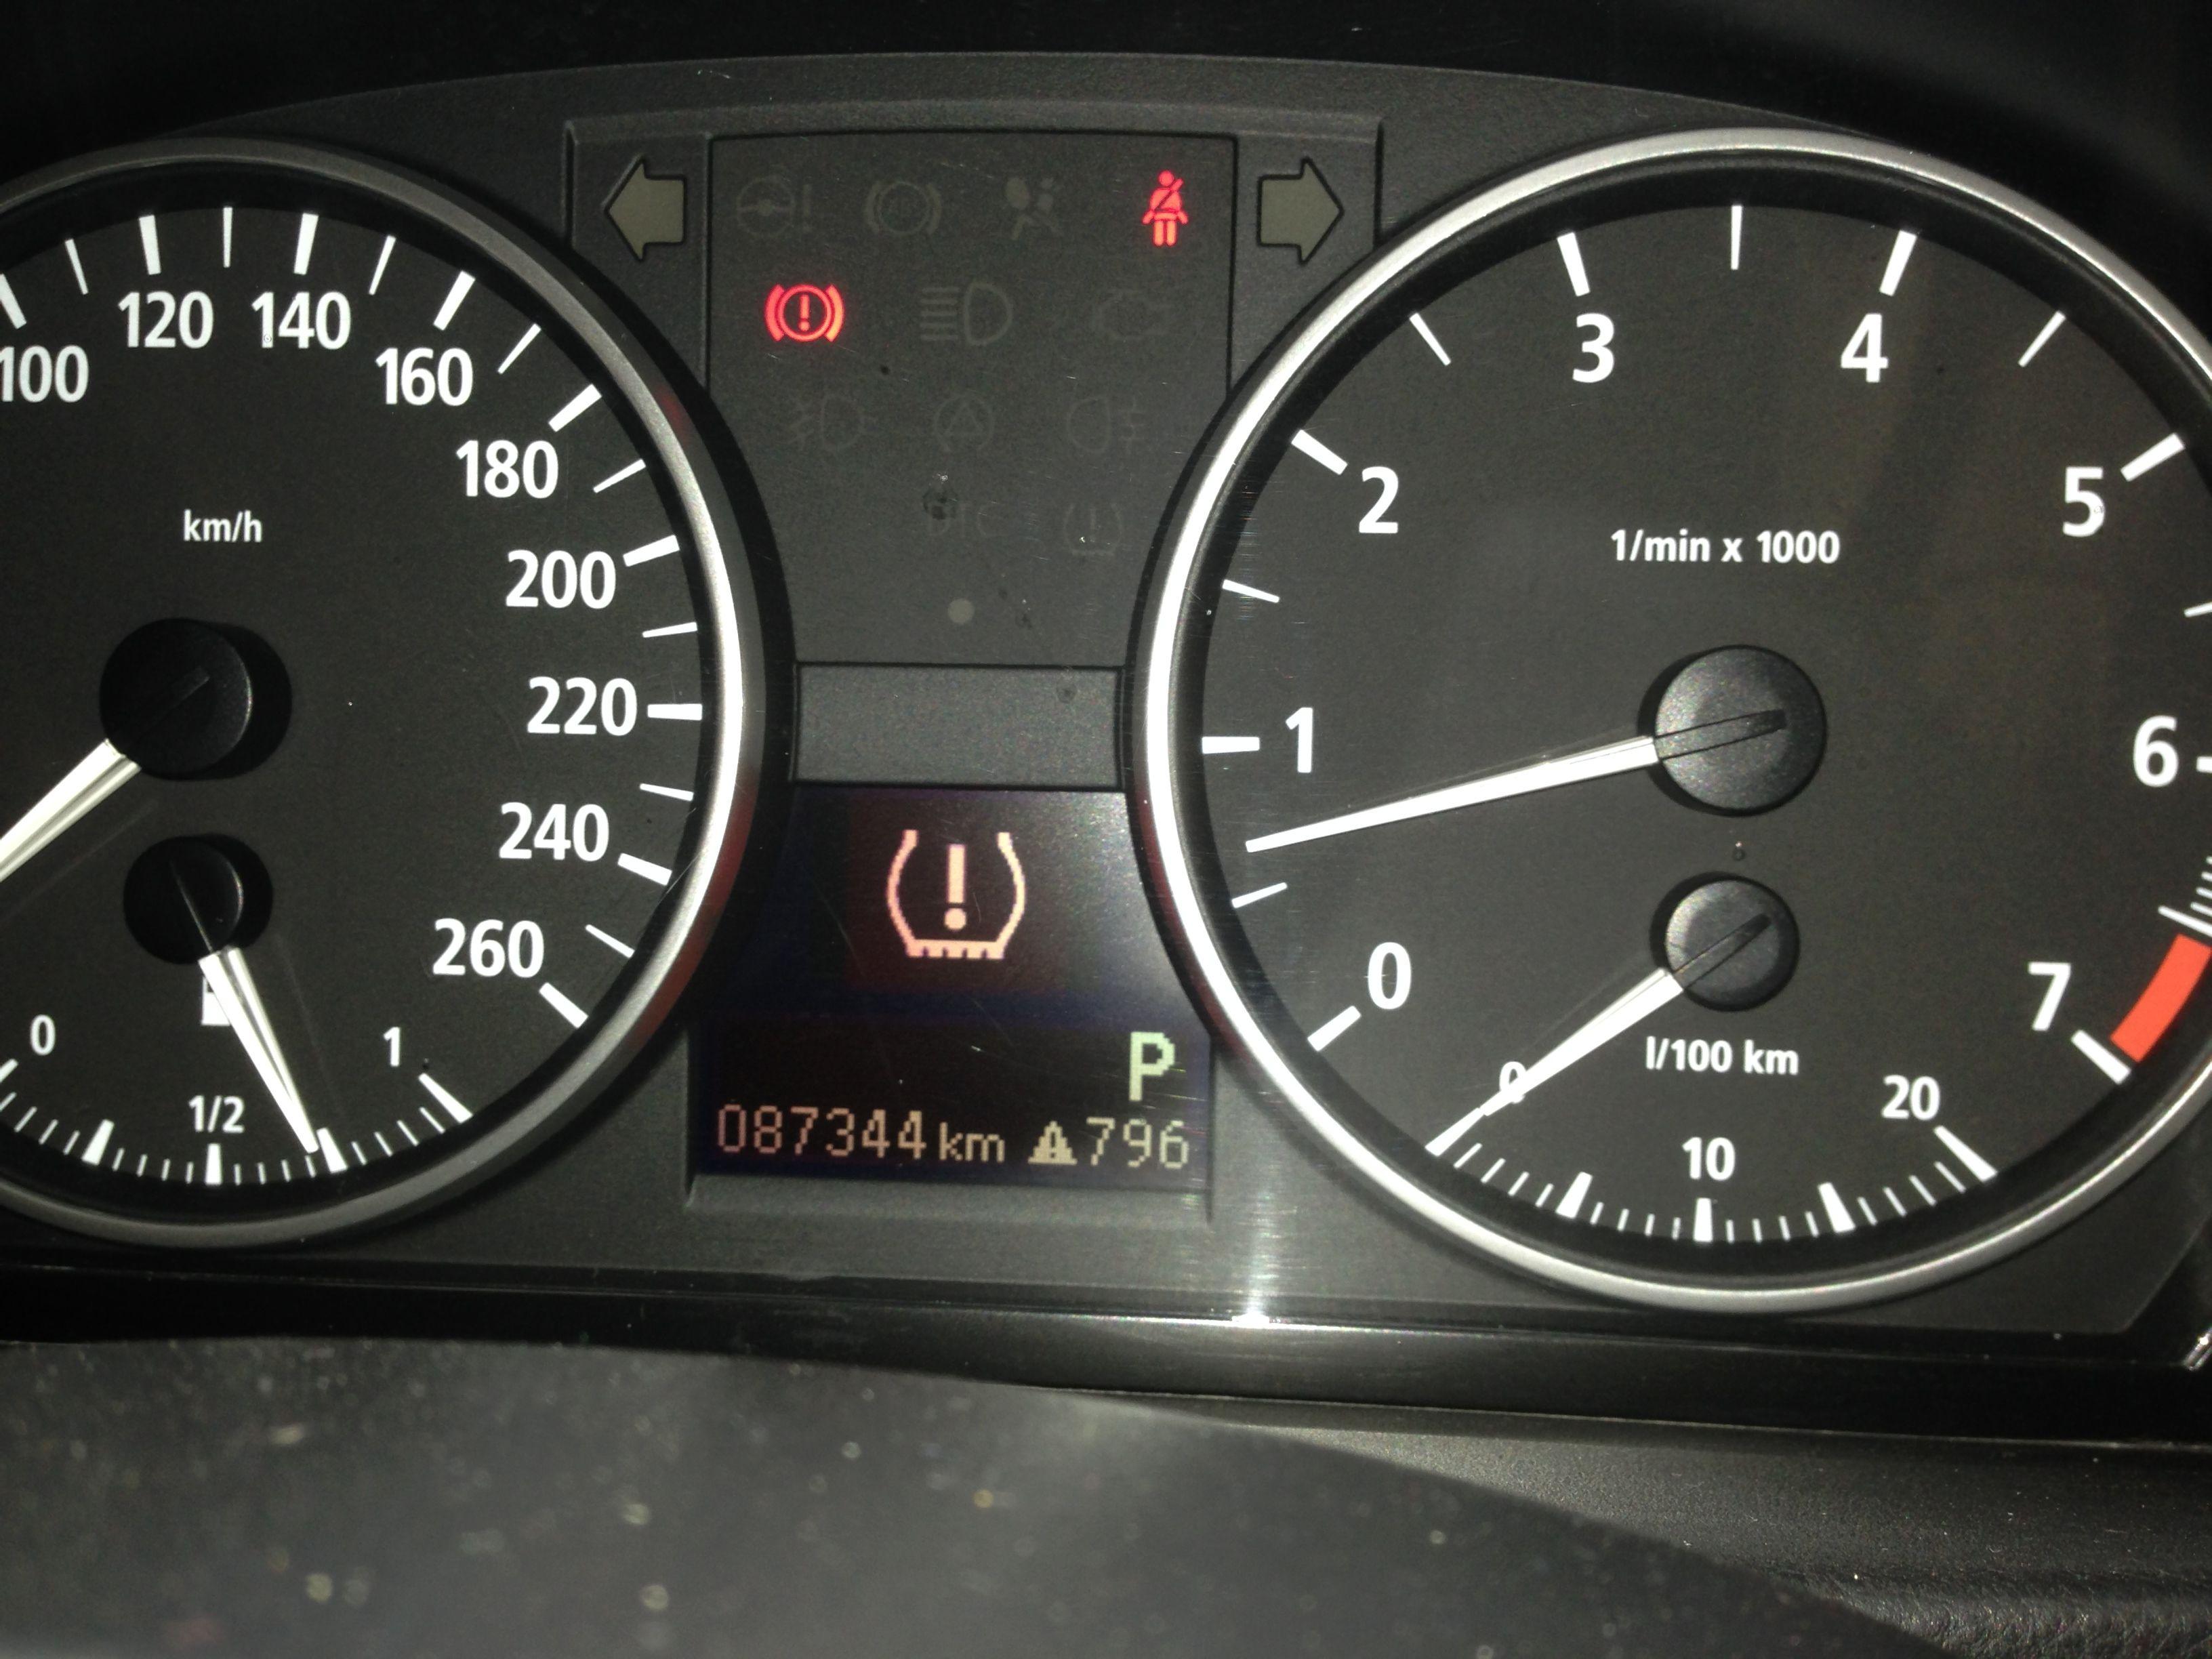 大众胎压报警标志图片_轮胎气压指示灯_轮胎气压指示灯分享展示